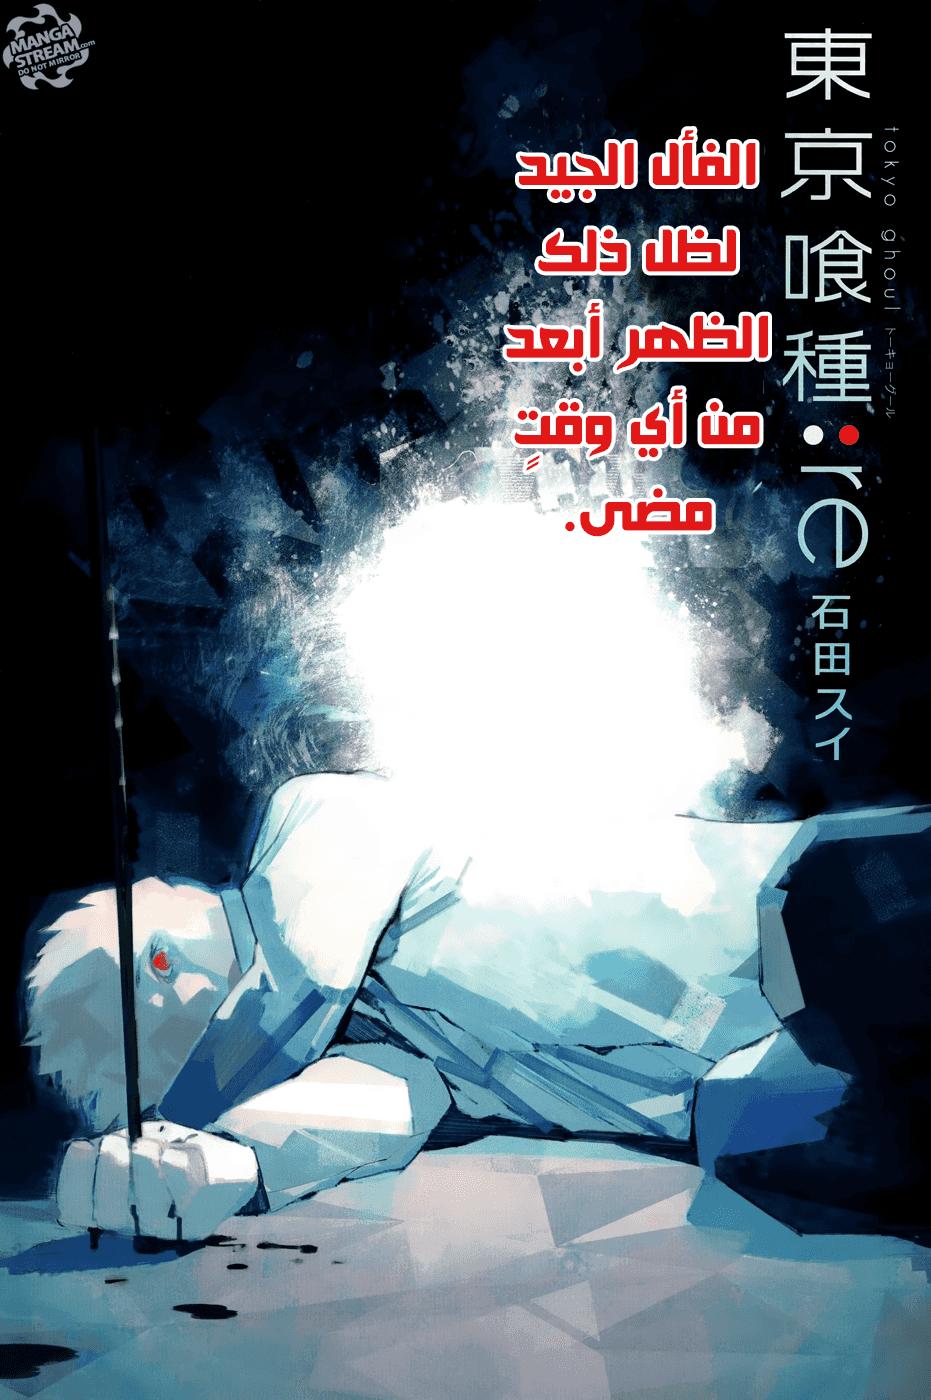 طوكيو غول:ري 135, Tokyo Ghoul:re 135